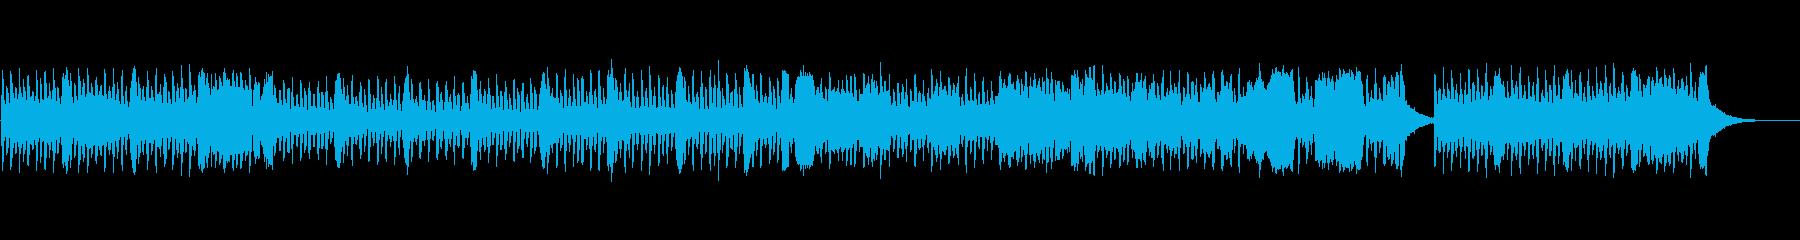 ストリングス感動バラード♪企業VP/CMの再生済みの波形